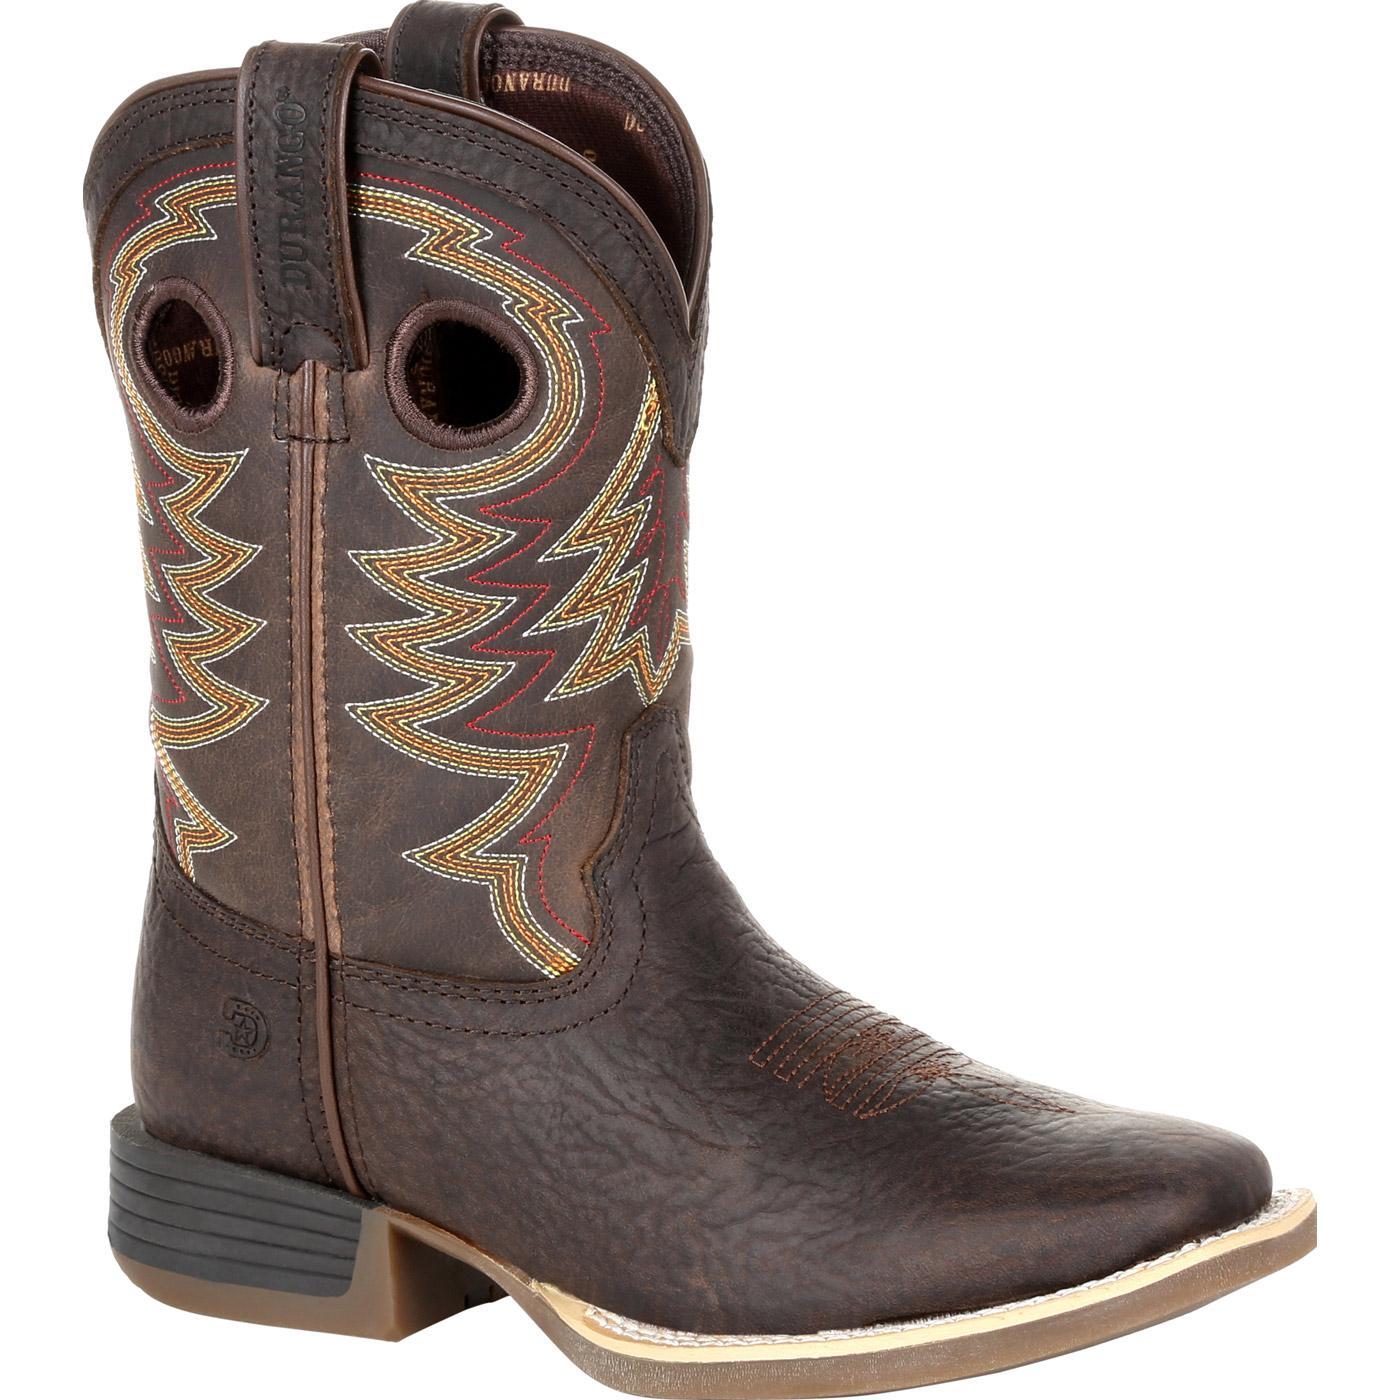 1d5fb4be81b Durango Lil' Rebel Pro Big Kid's Brown Western Boot